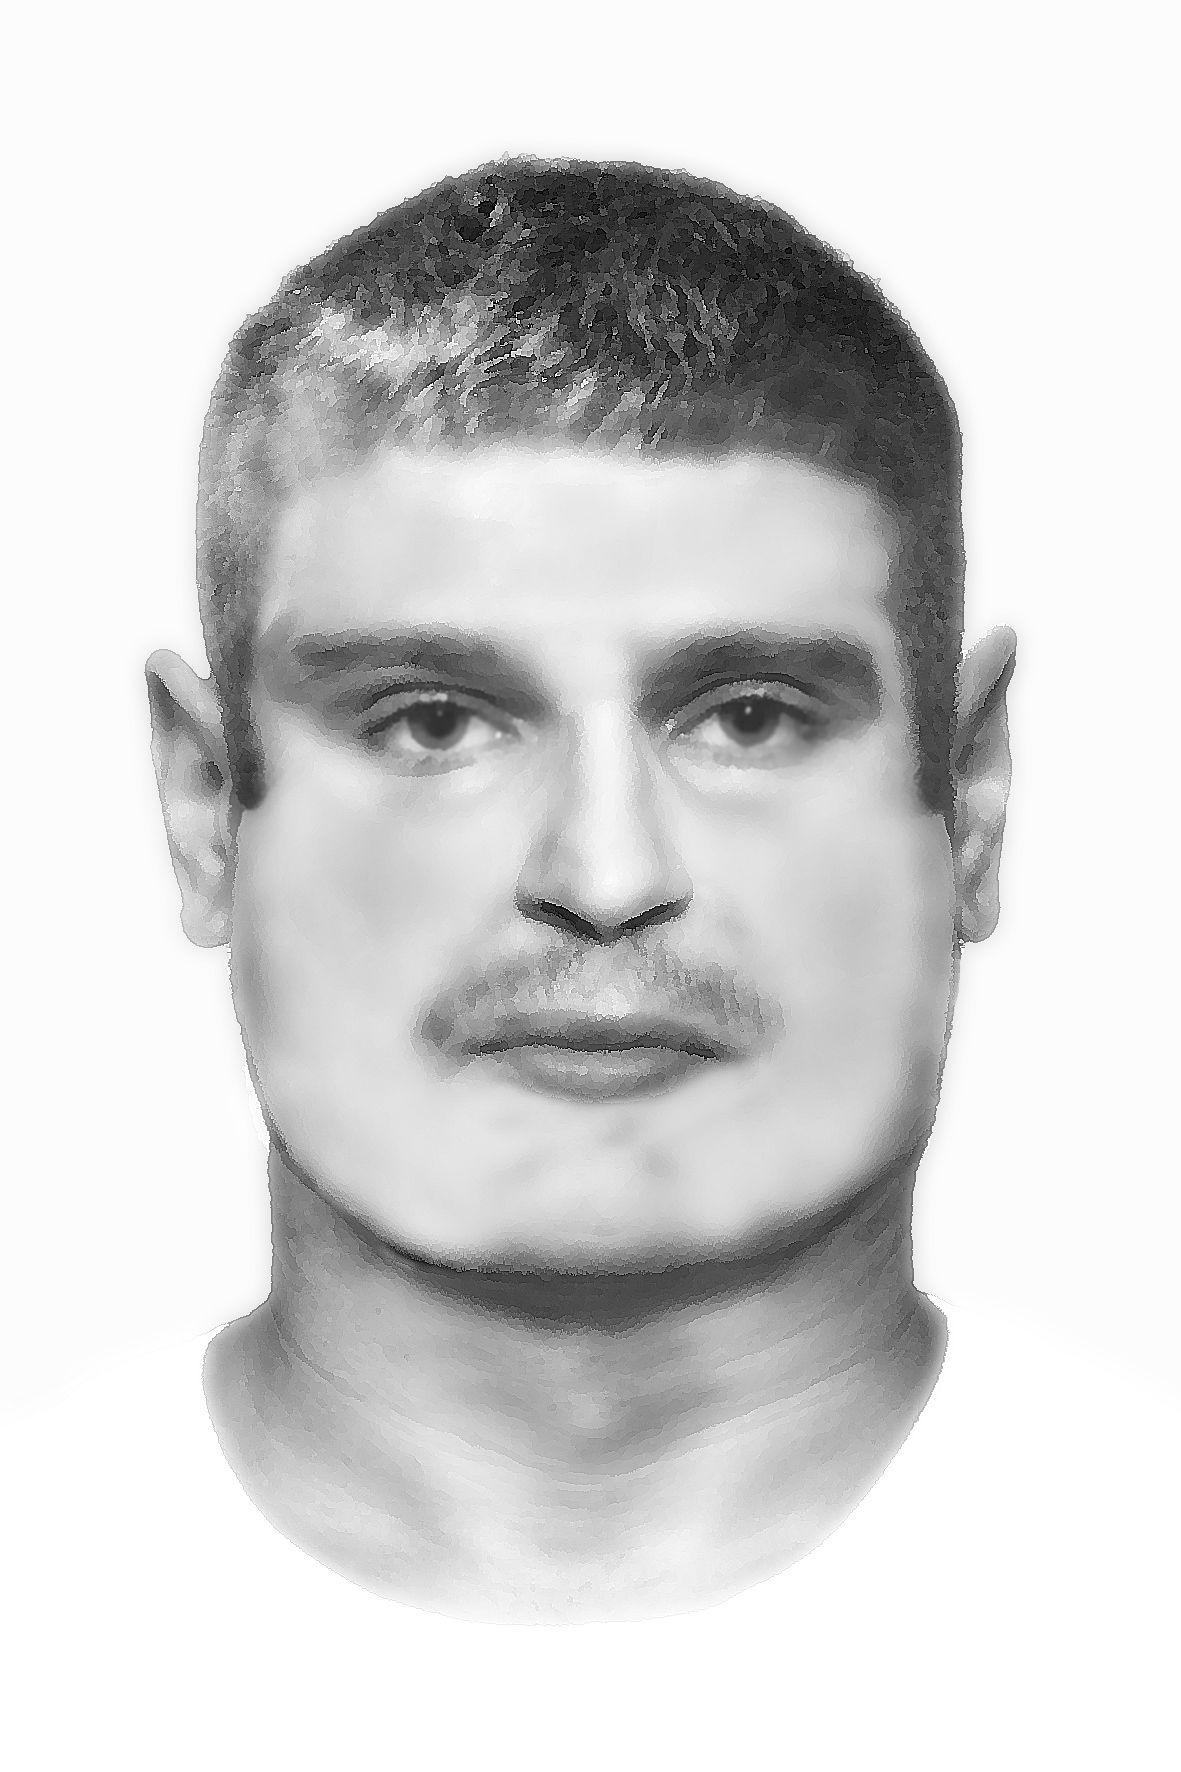 Policija traži pomoć građana: Prepoznajete li osobu?